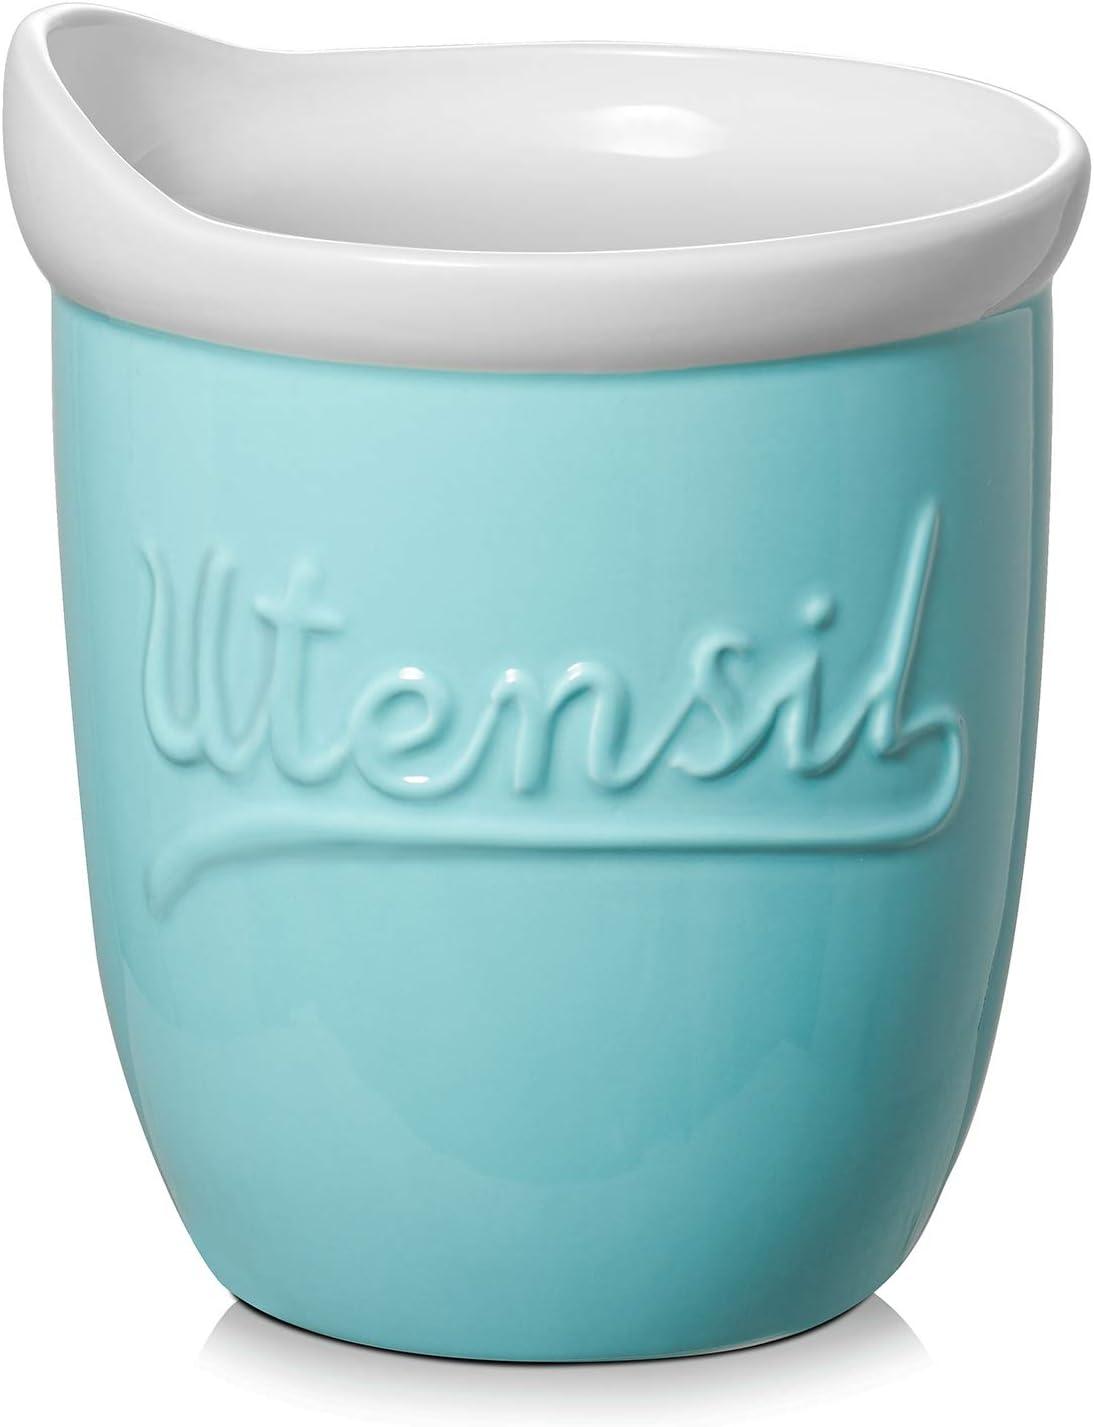 """DOWAN Kitchen Utensil Holder, 7.2"""" Large Utensil Holder for Countertop, Ceramic Utensil Crock Turquoise, Dishwasher Safe"""